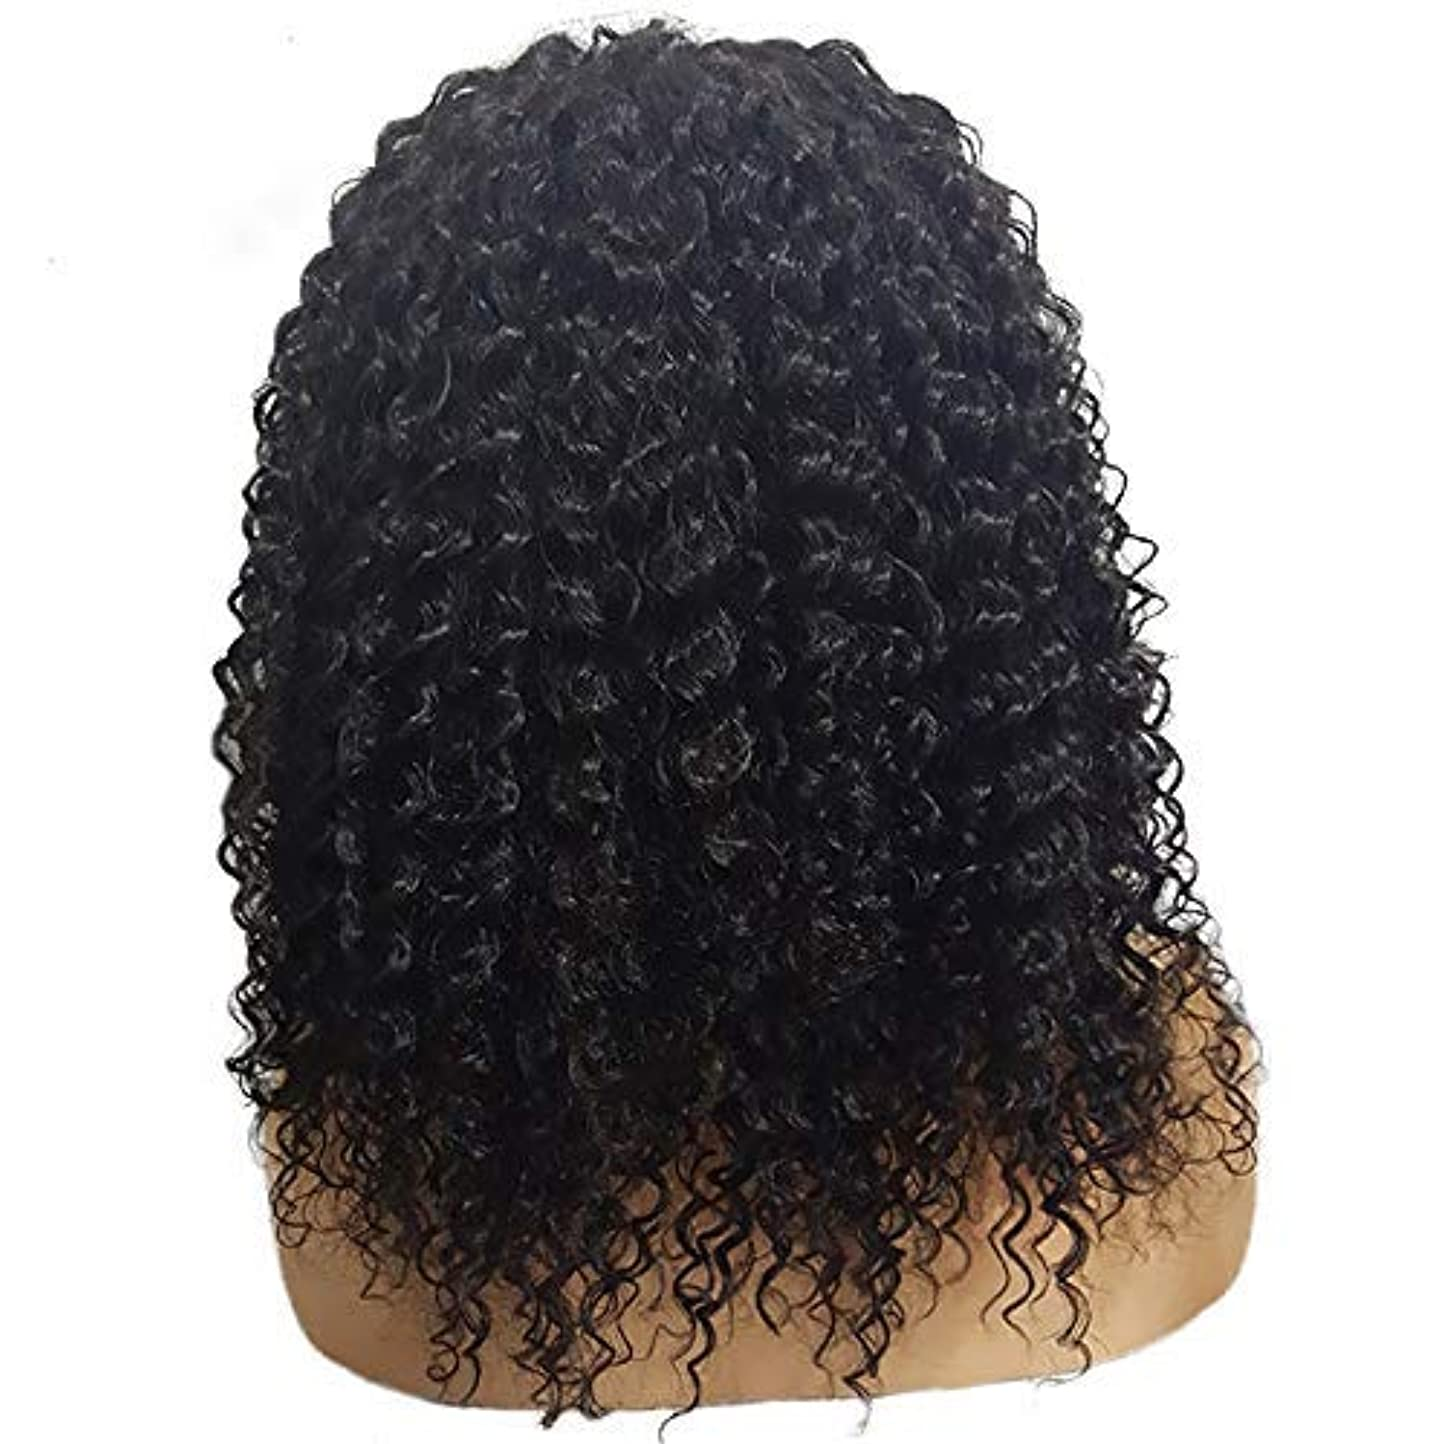 パーツ適度な半球かつら短い巻き毛のかつらファッション化学繊維かつらフロントレース20インチ